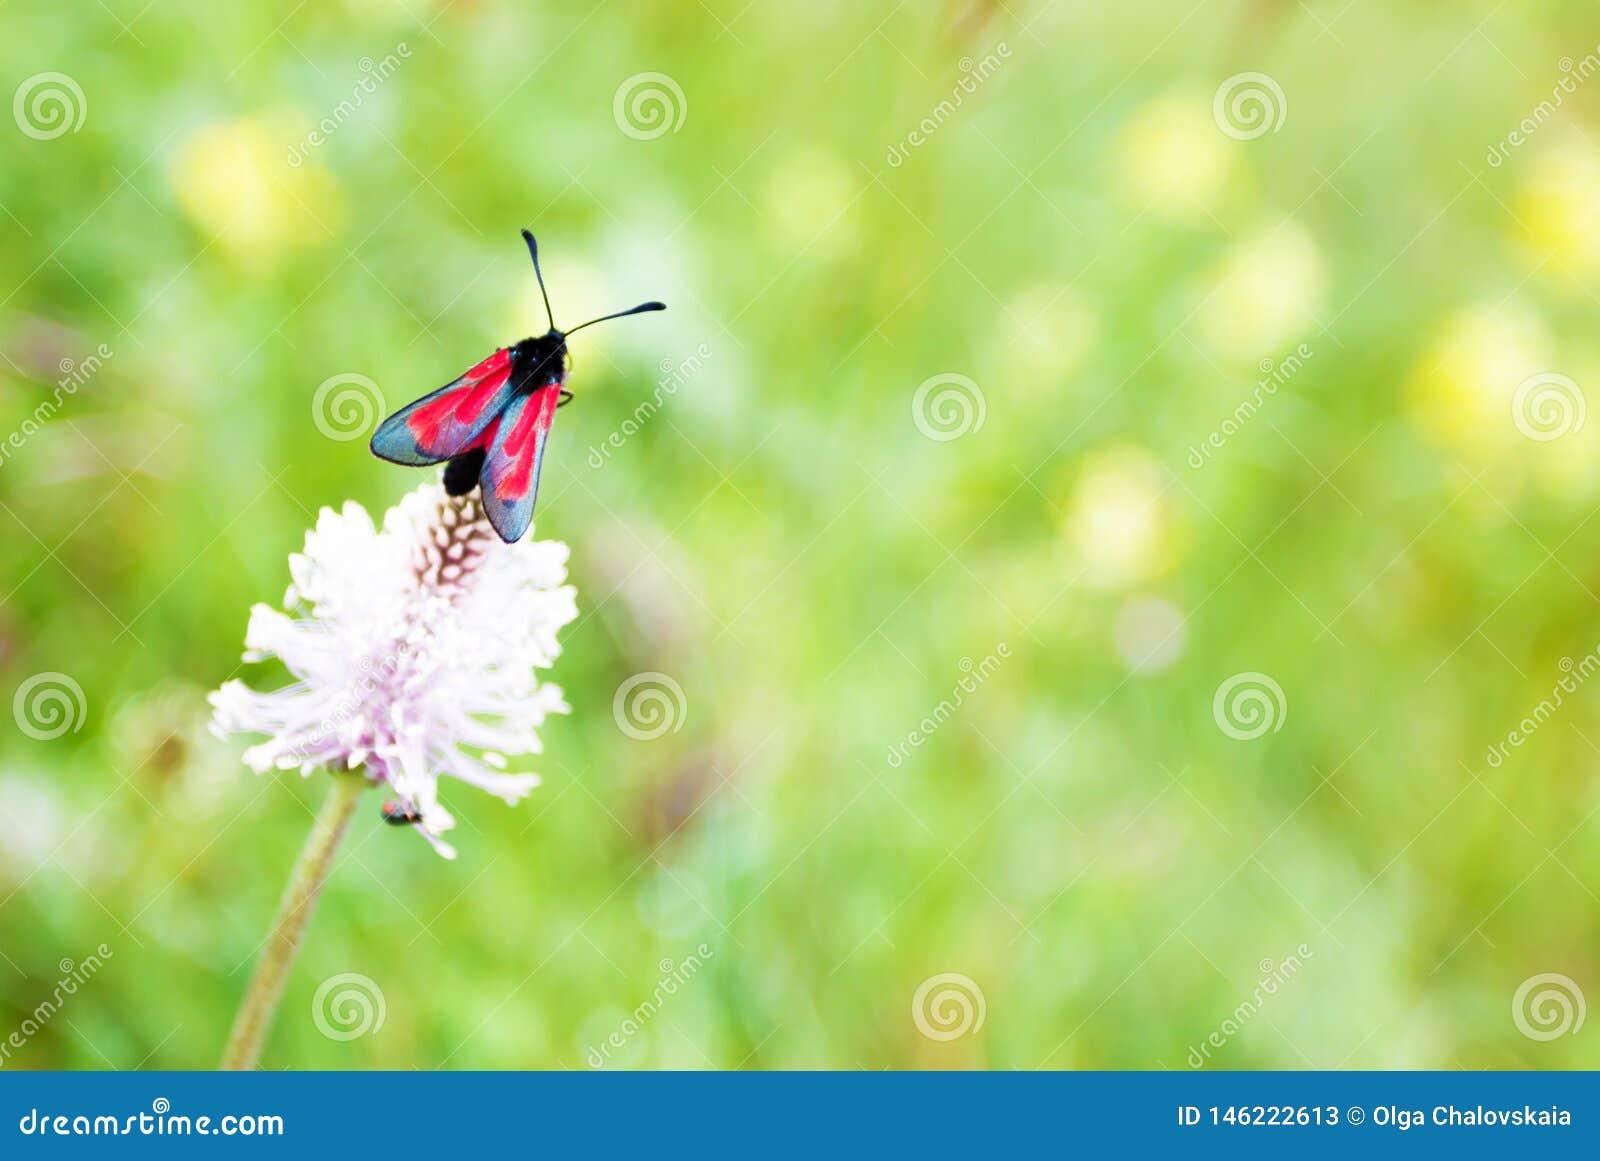 Röd fjäril på växt av släktet Trifolium, makrofoto